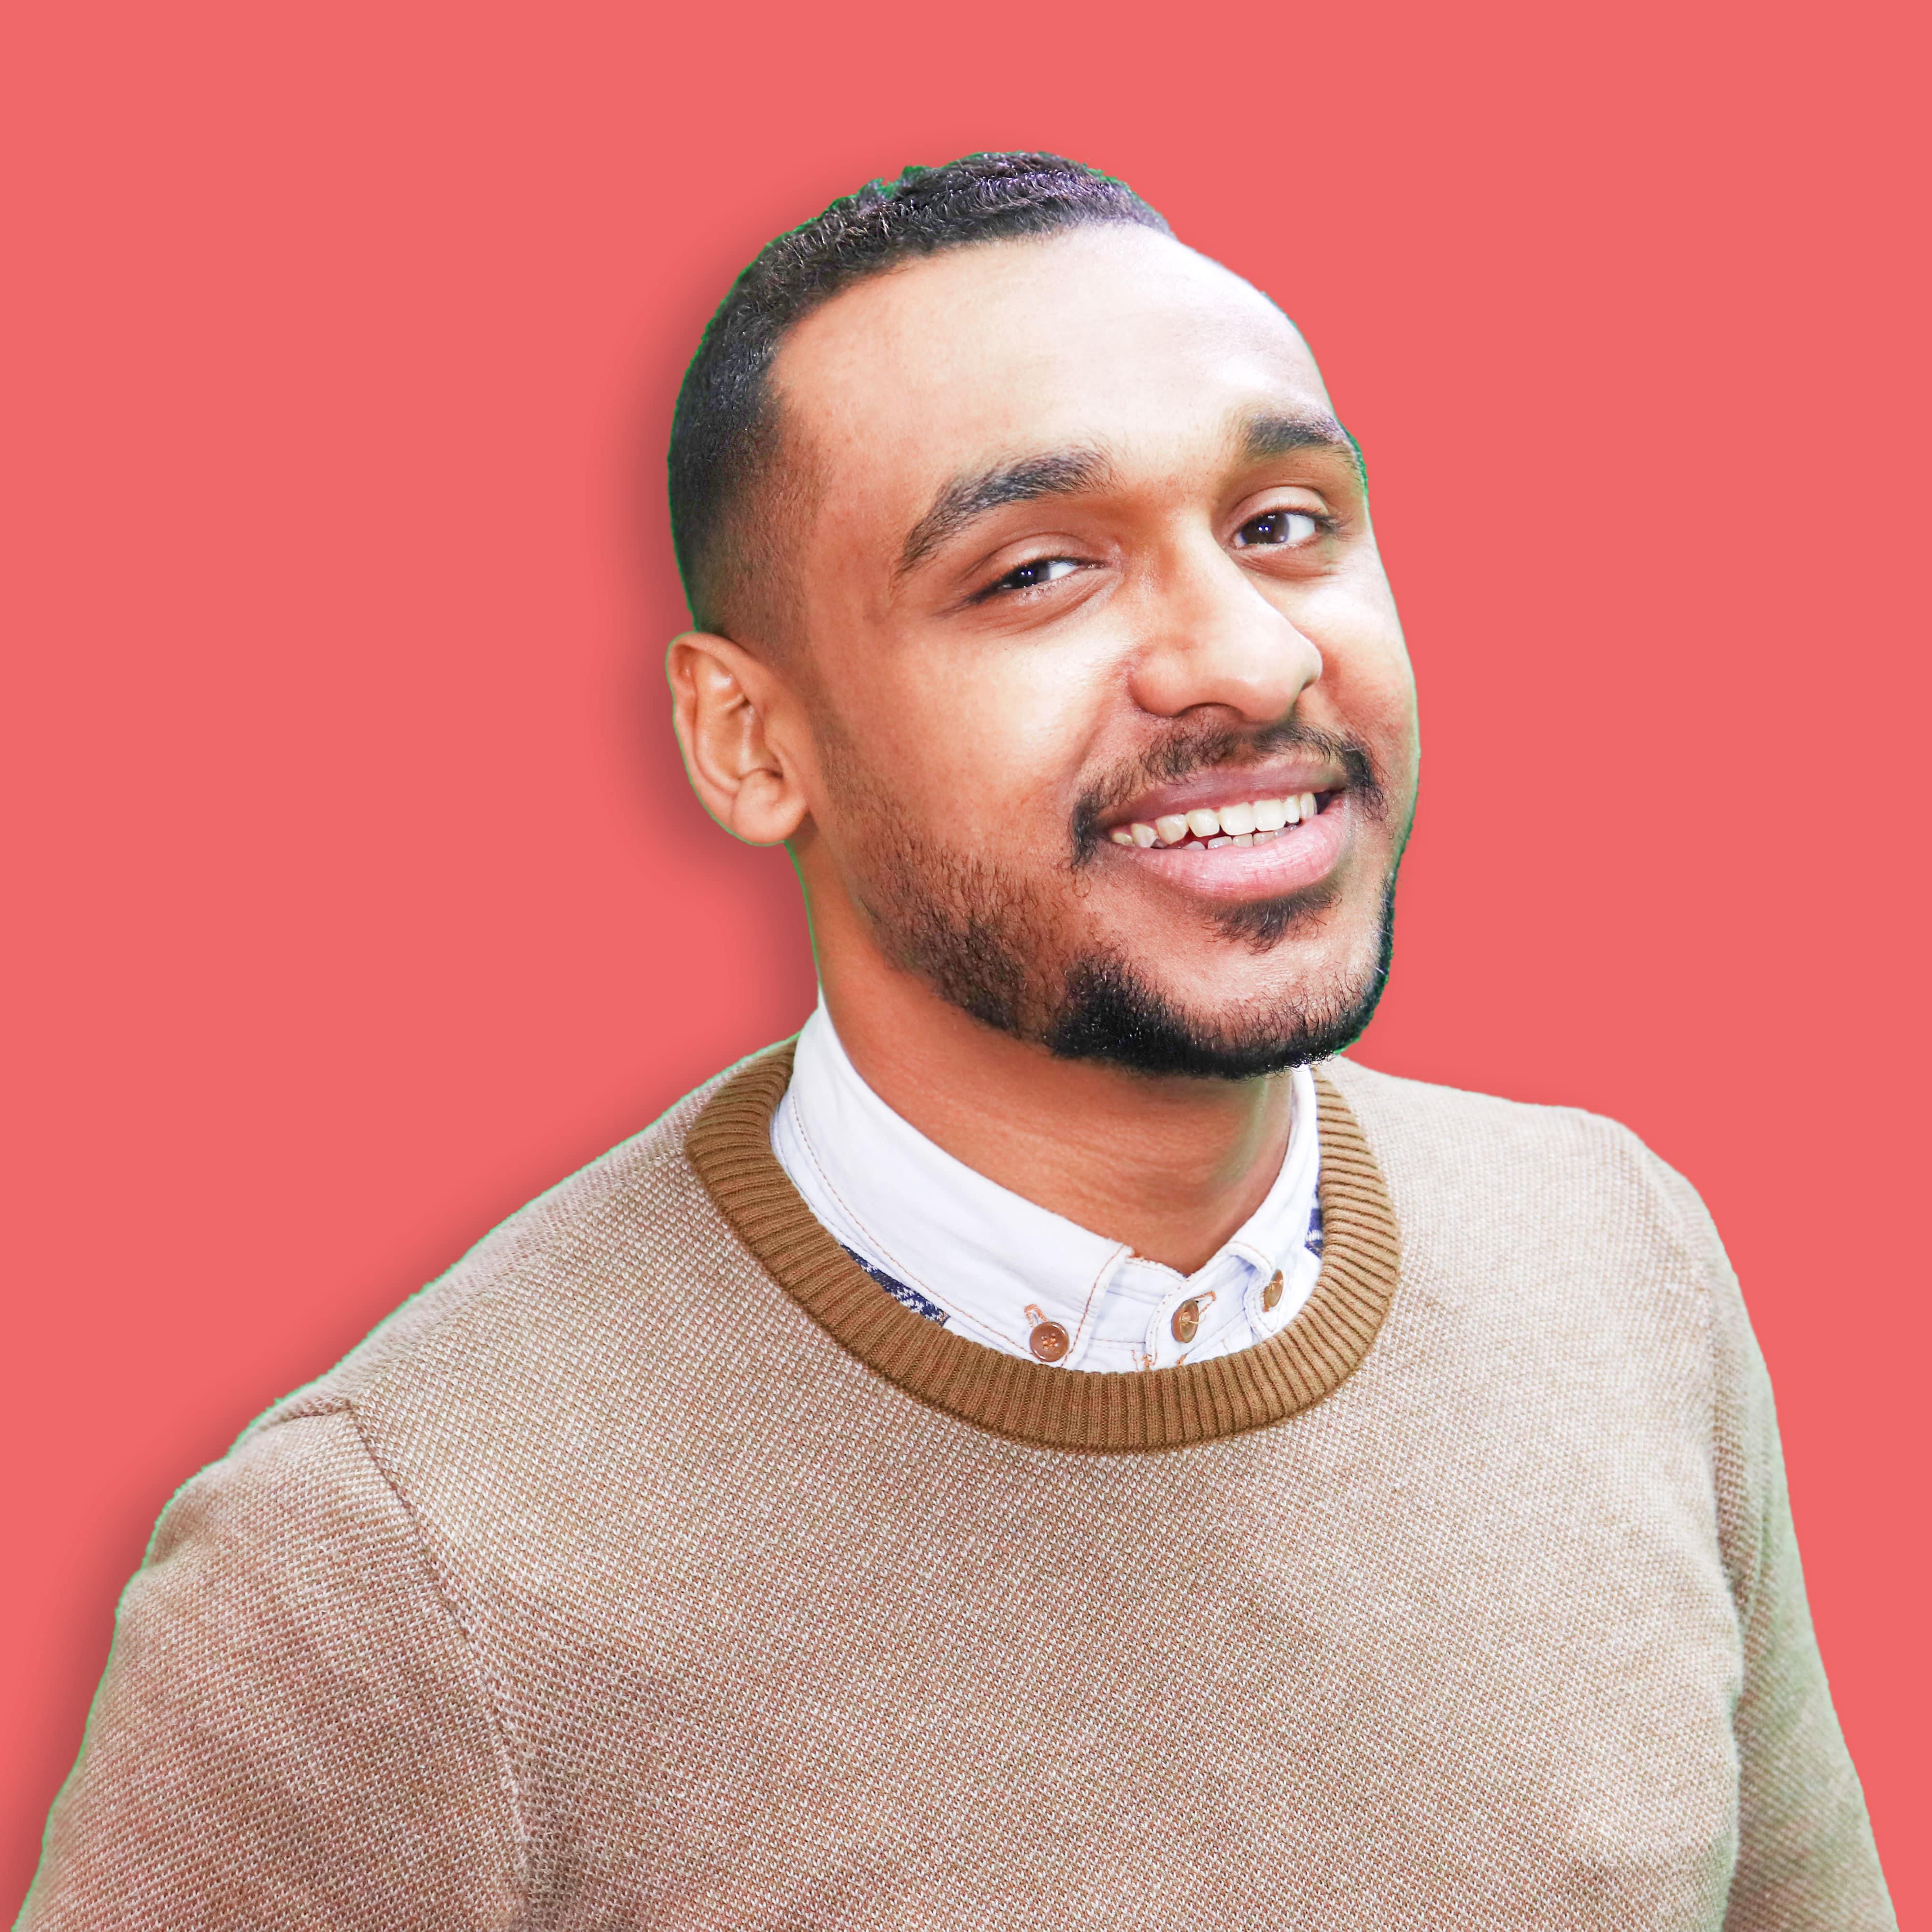 محمد عبود/ نوفمبر 2019/ 7 دقائق لقراءة المقال